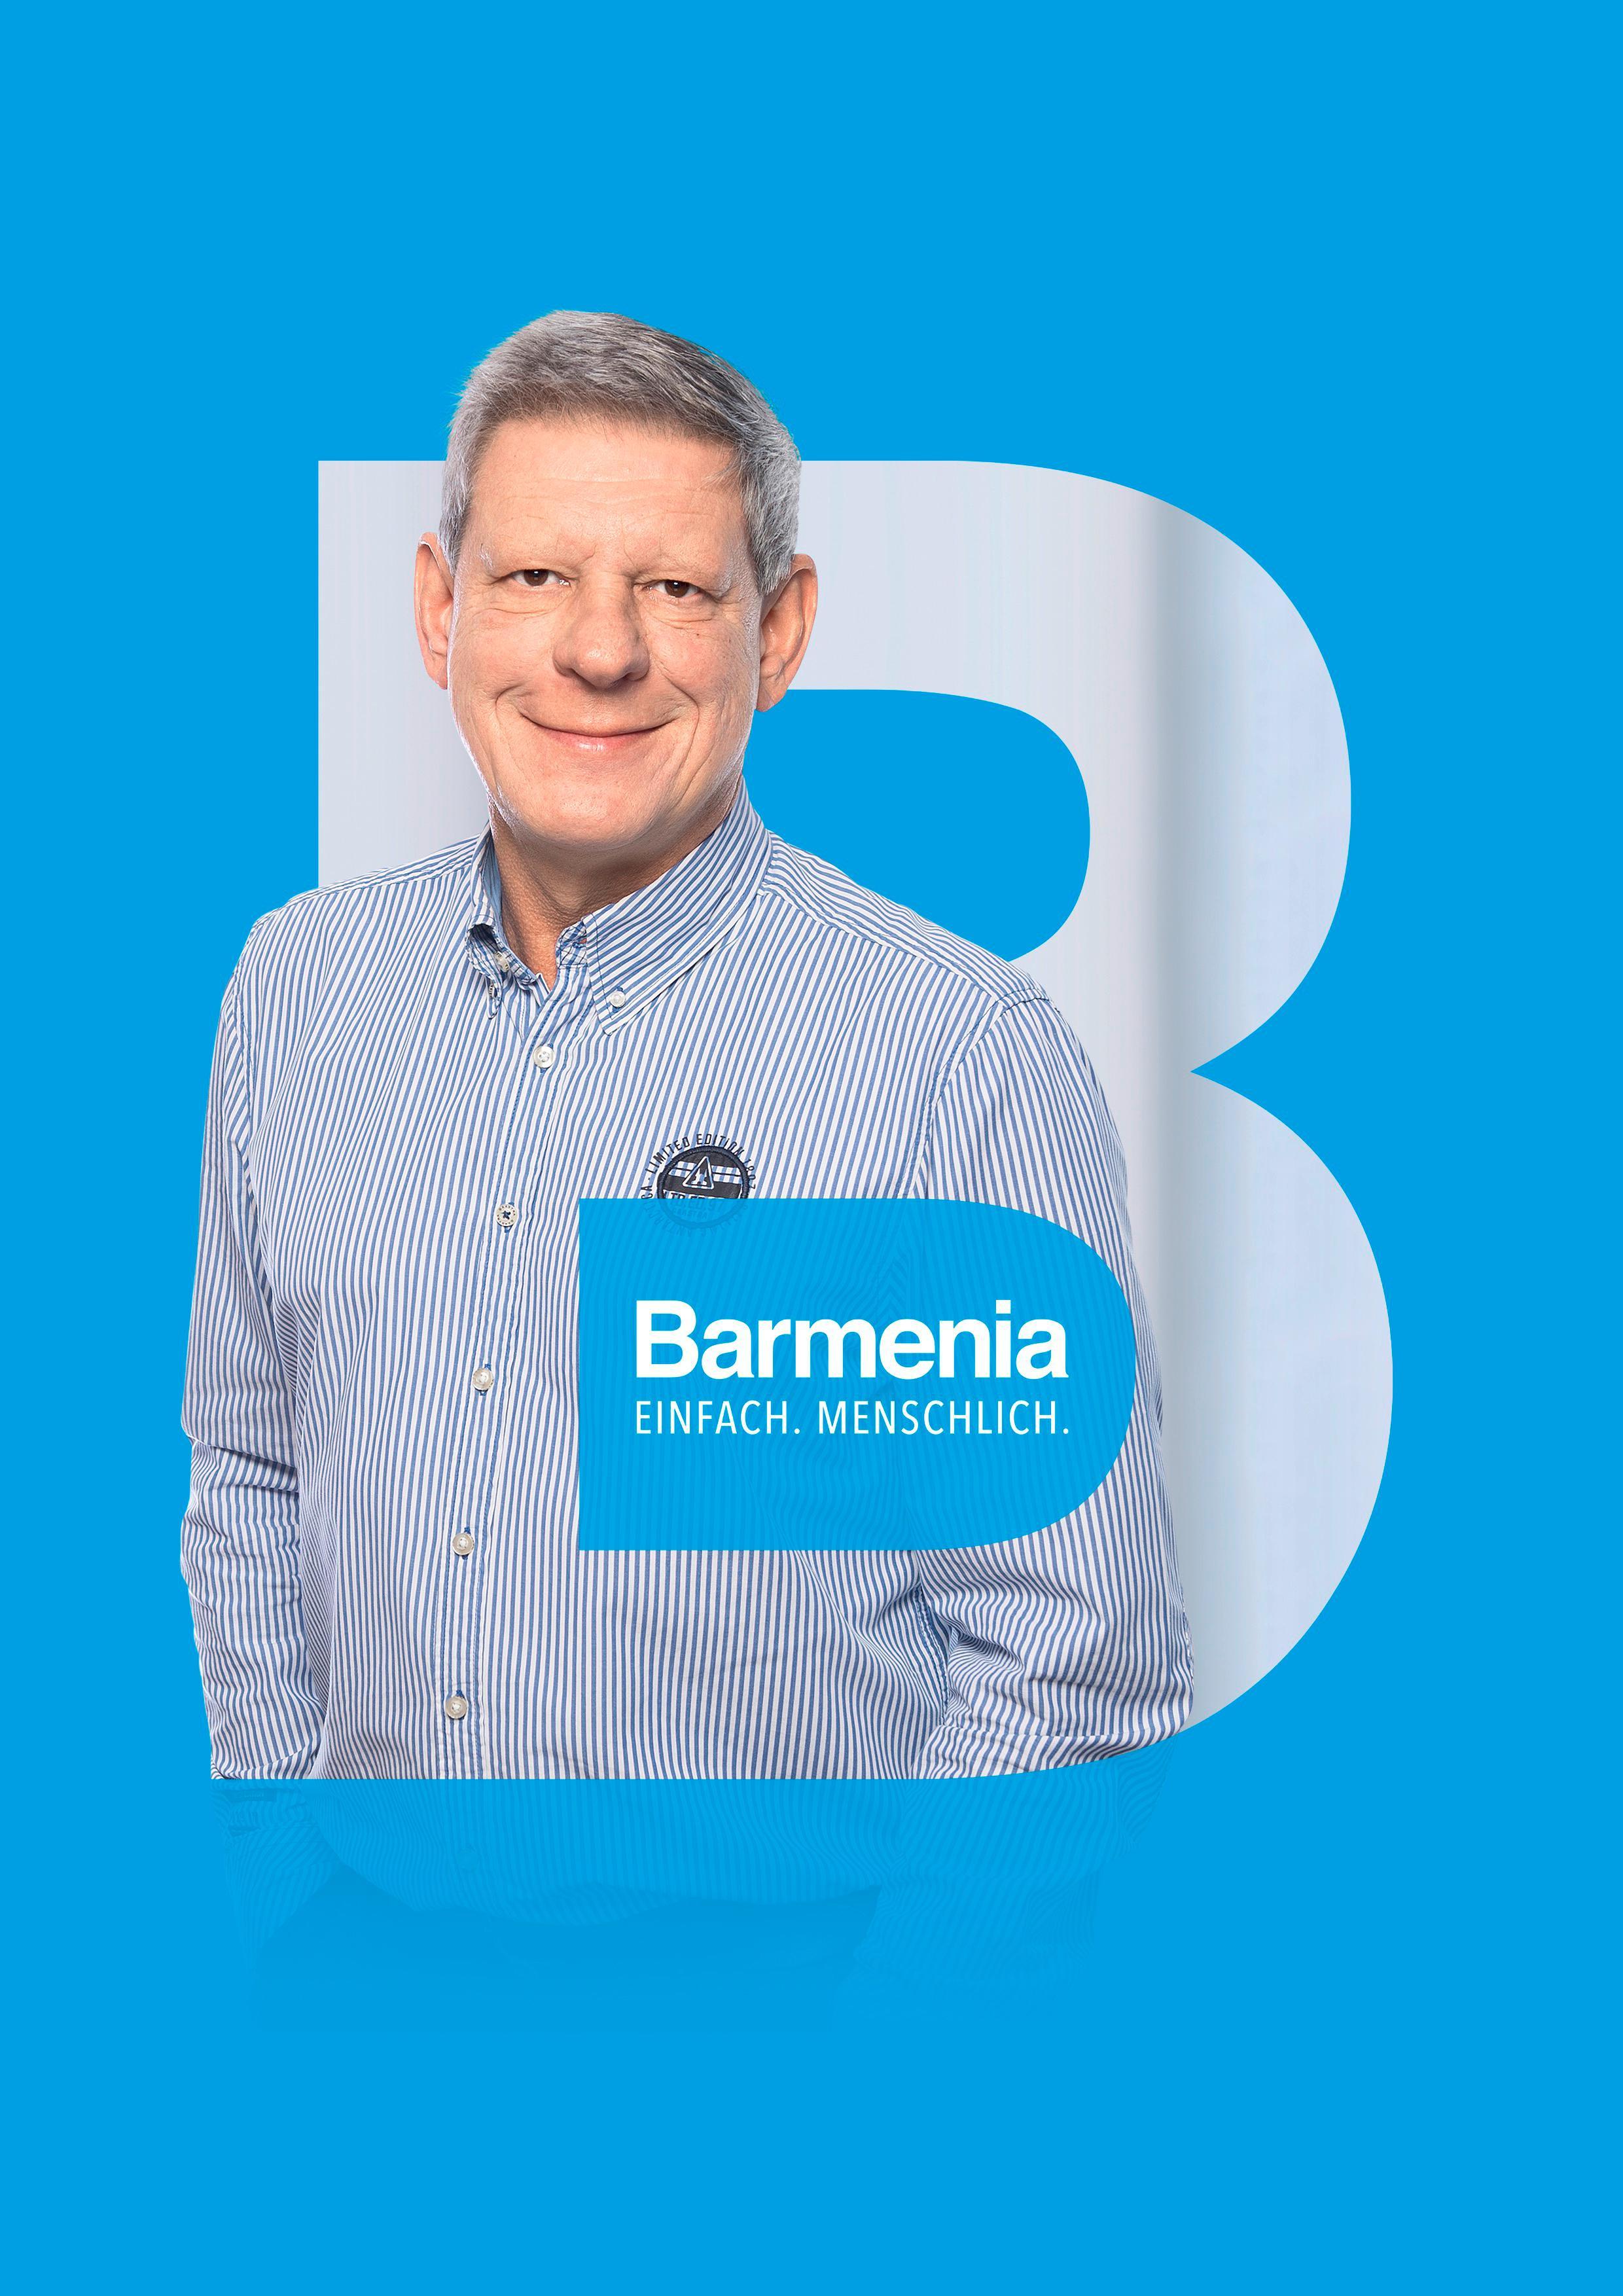 Andreas Schmidtke. Ihr Ansprechpartner für die Barmenia Versicherung in Essen.